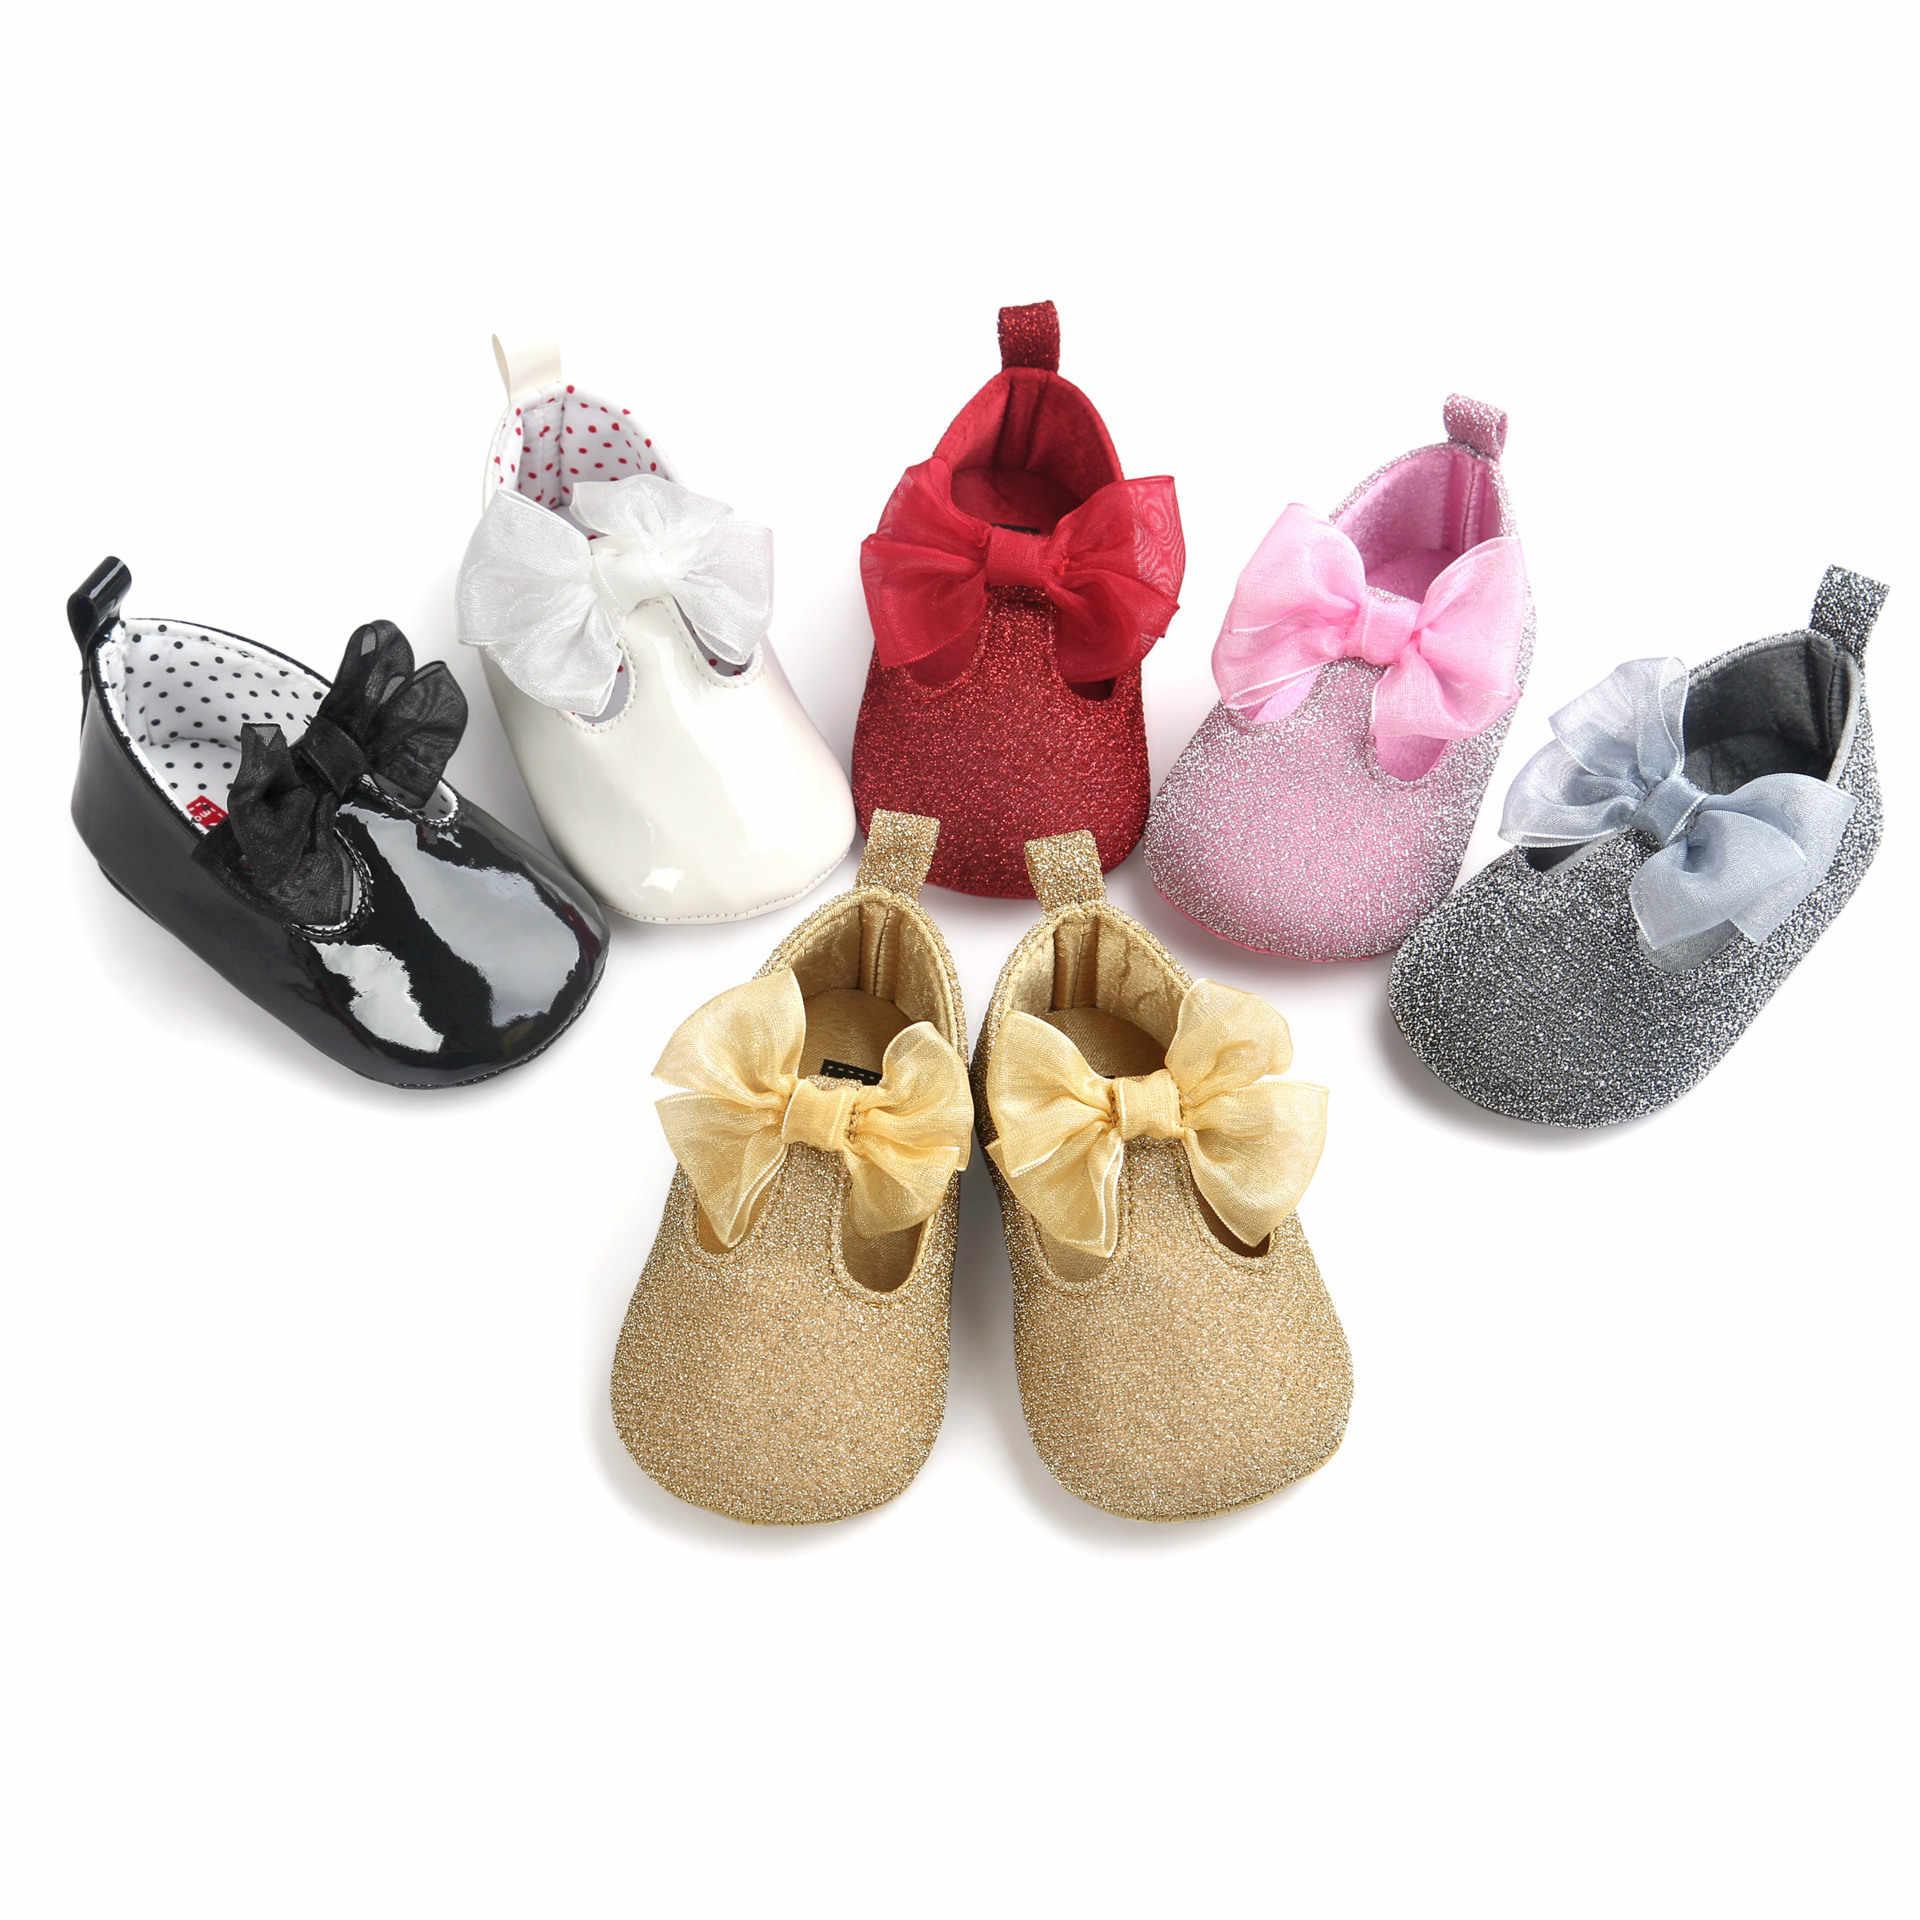 B & G zapatos de baile de princesa antideslizantes niño niña zapatos para correr suave arco niños zapatos transpirables